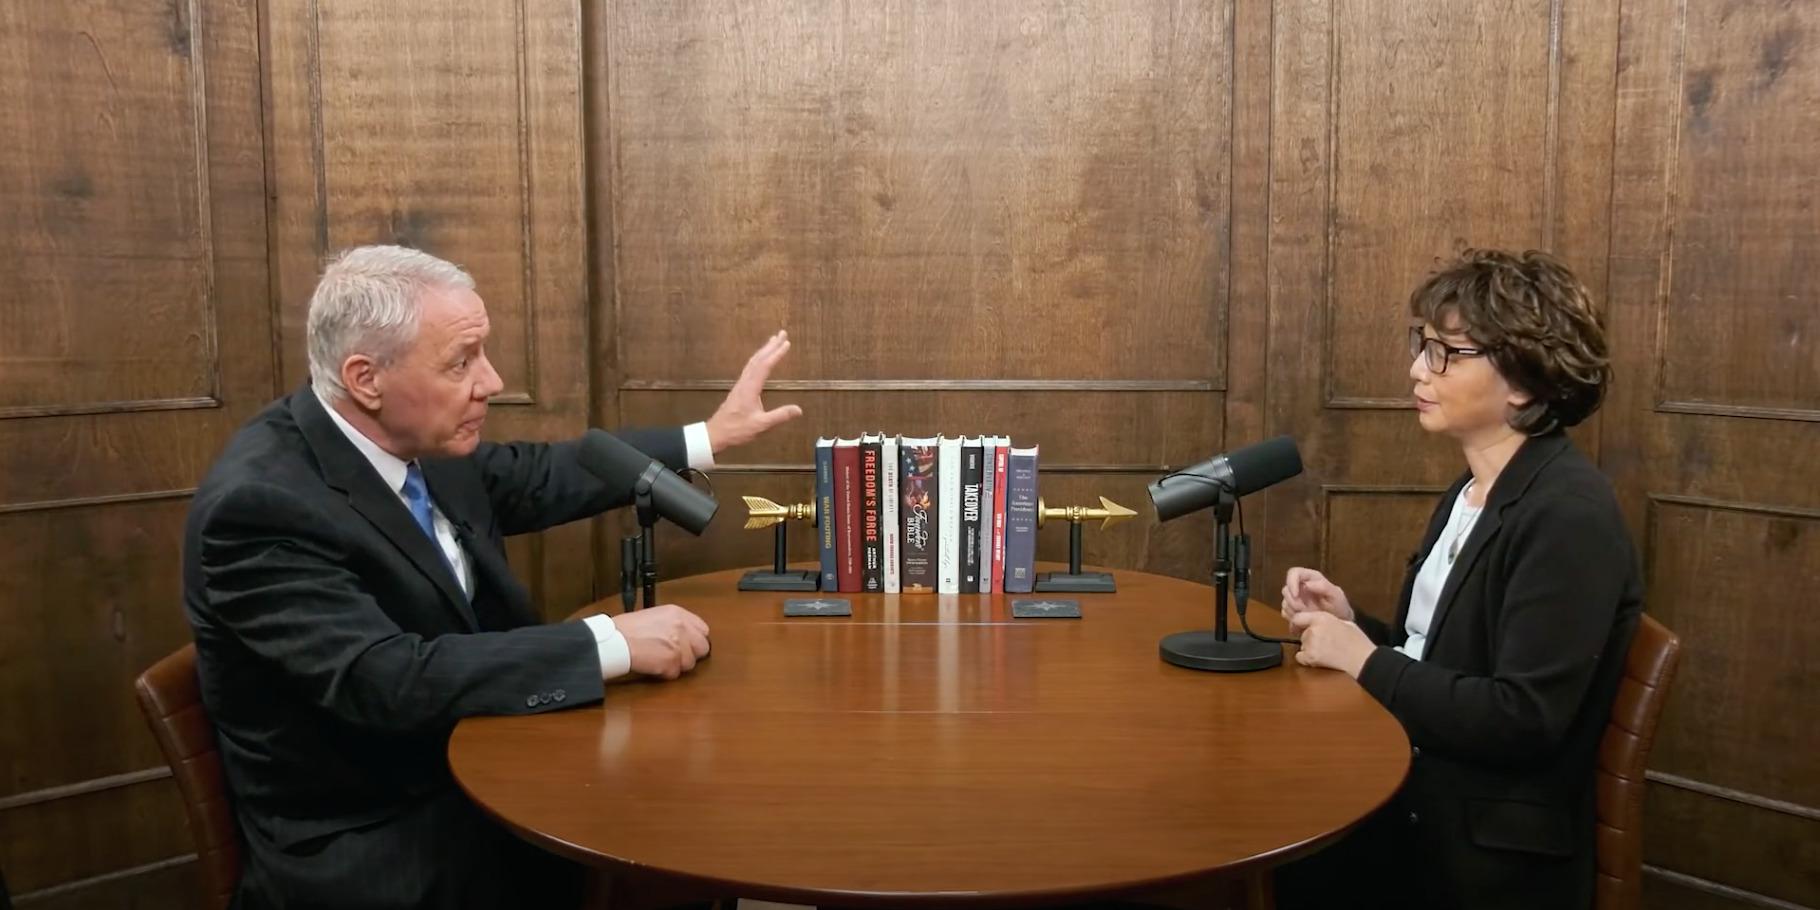 Rep. Ken Buck interview Epoch Times Senior Editor Dr. Dana Cheng